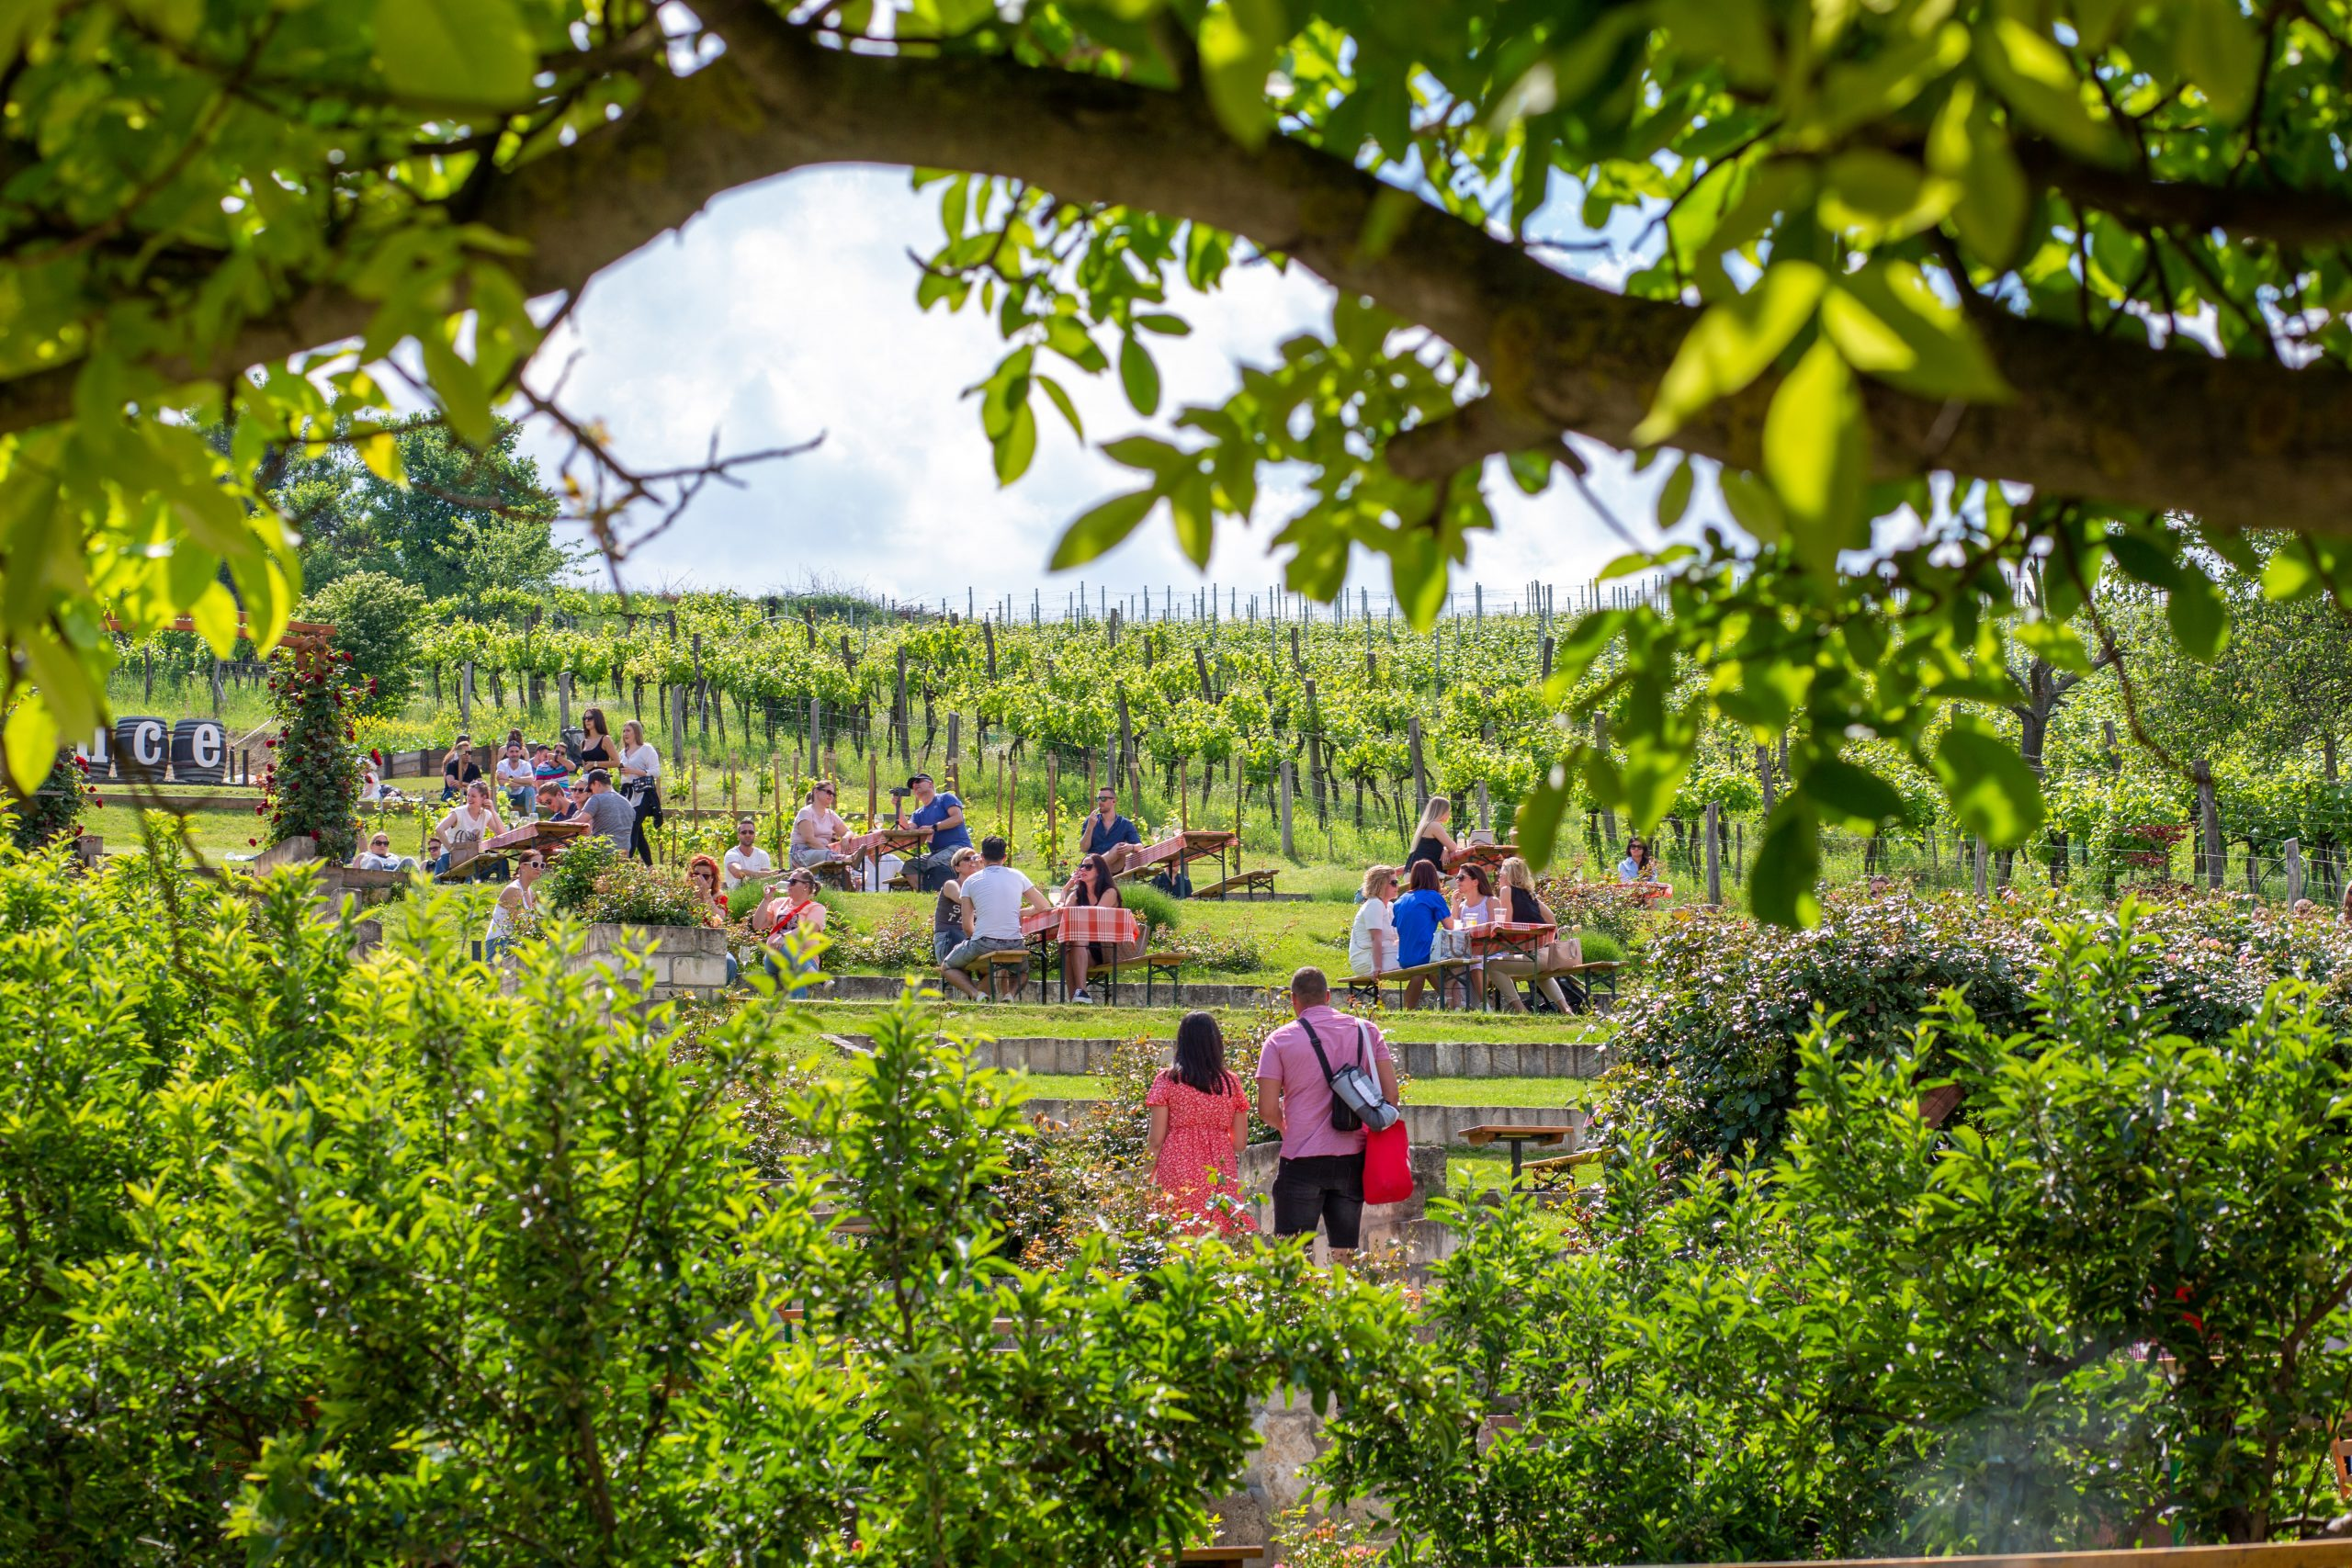 Biciklivel Budapest szőlőskertjében: A leglátványosabb kerékpáros útvonal Etyeken